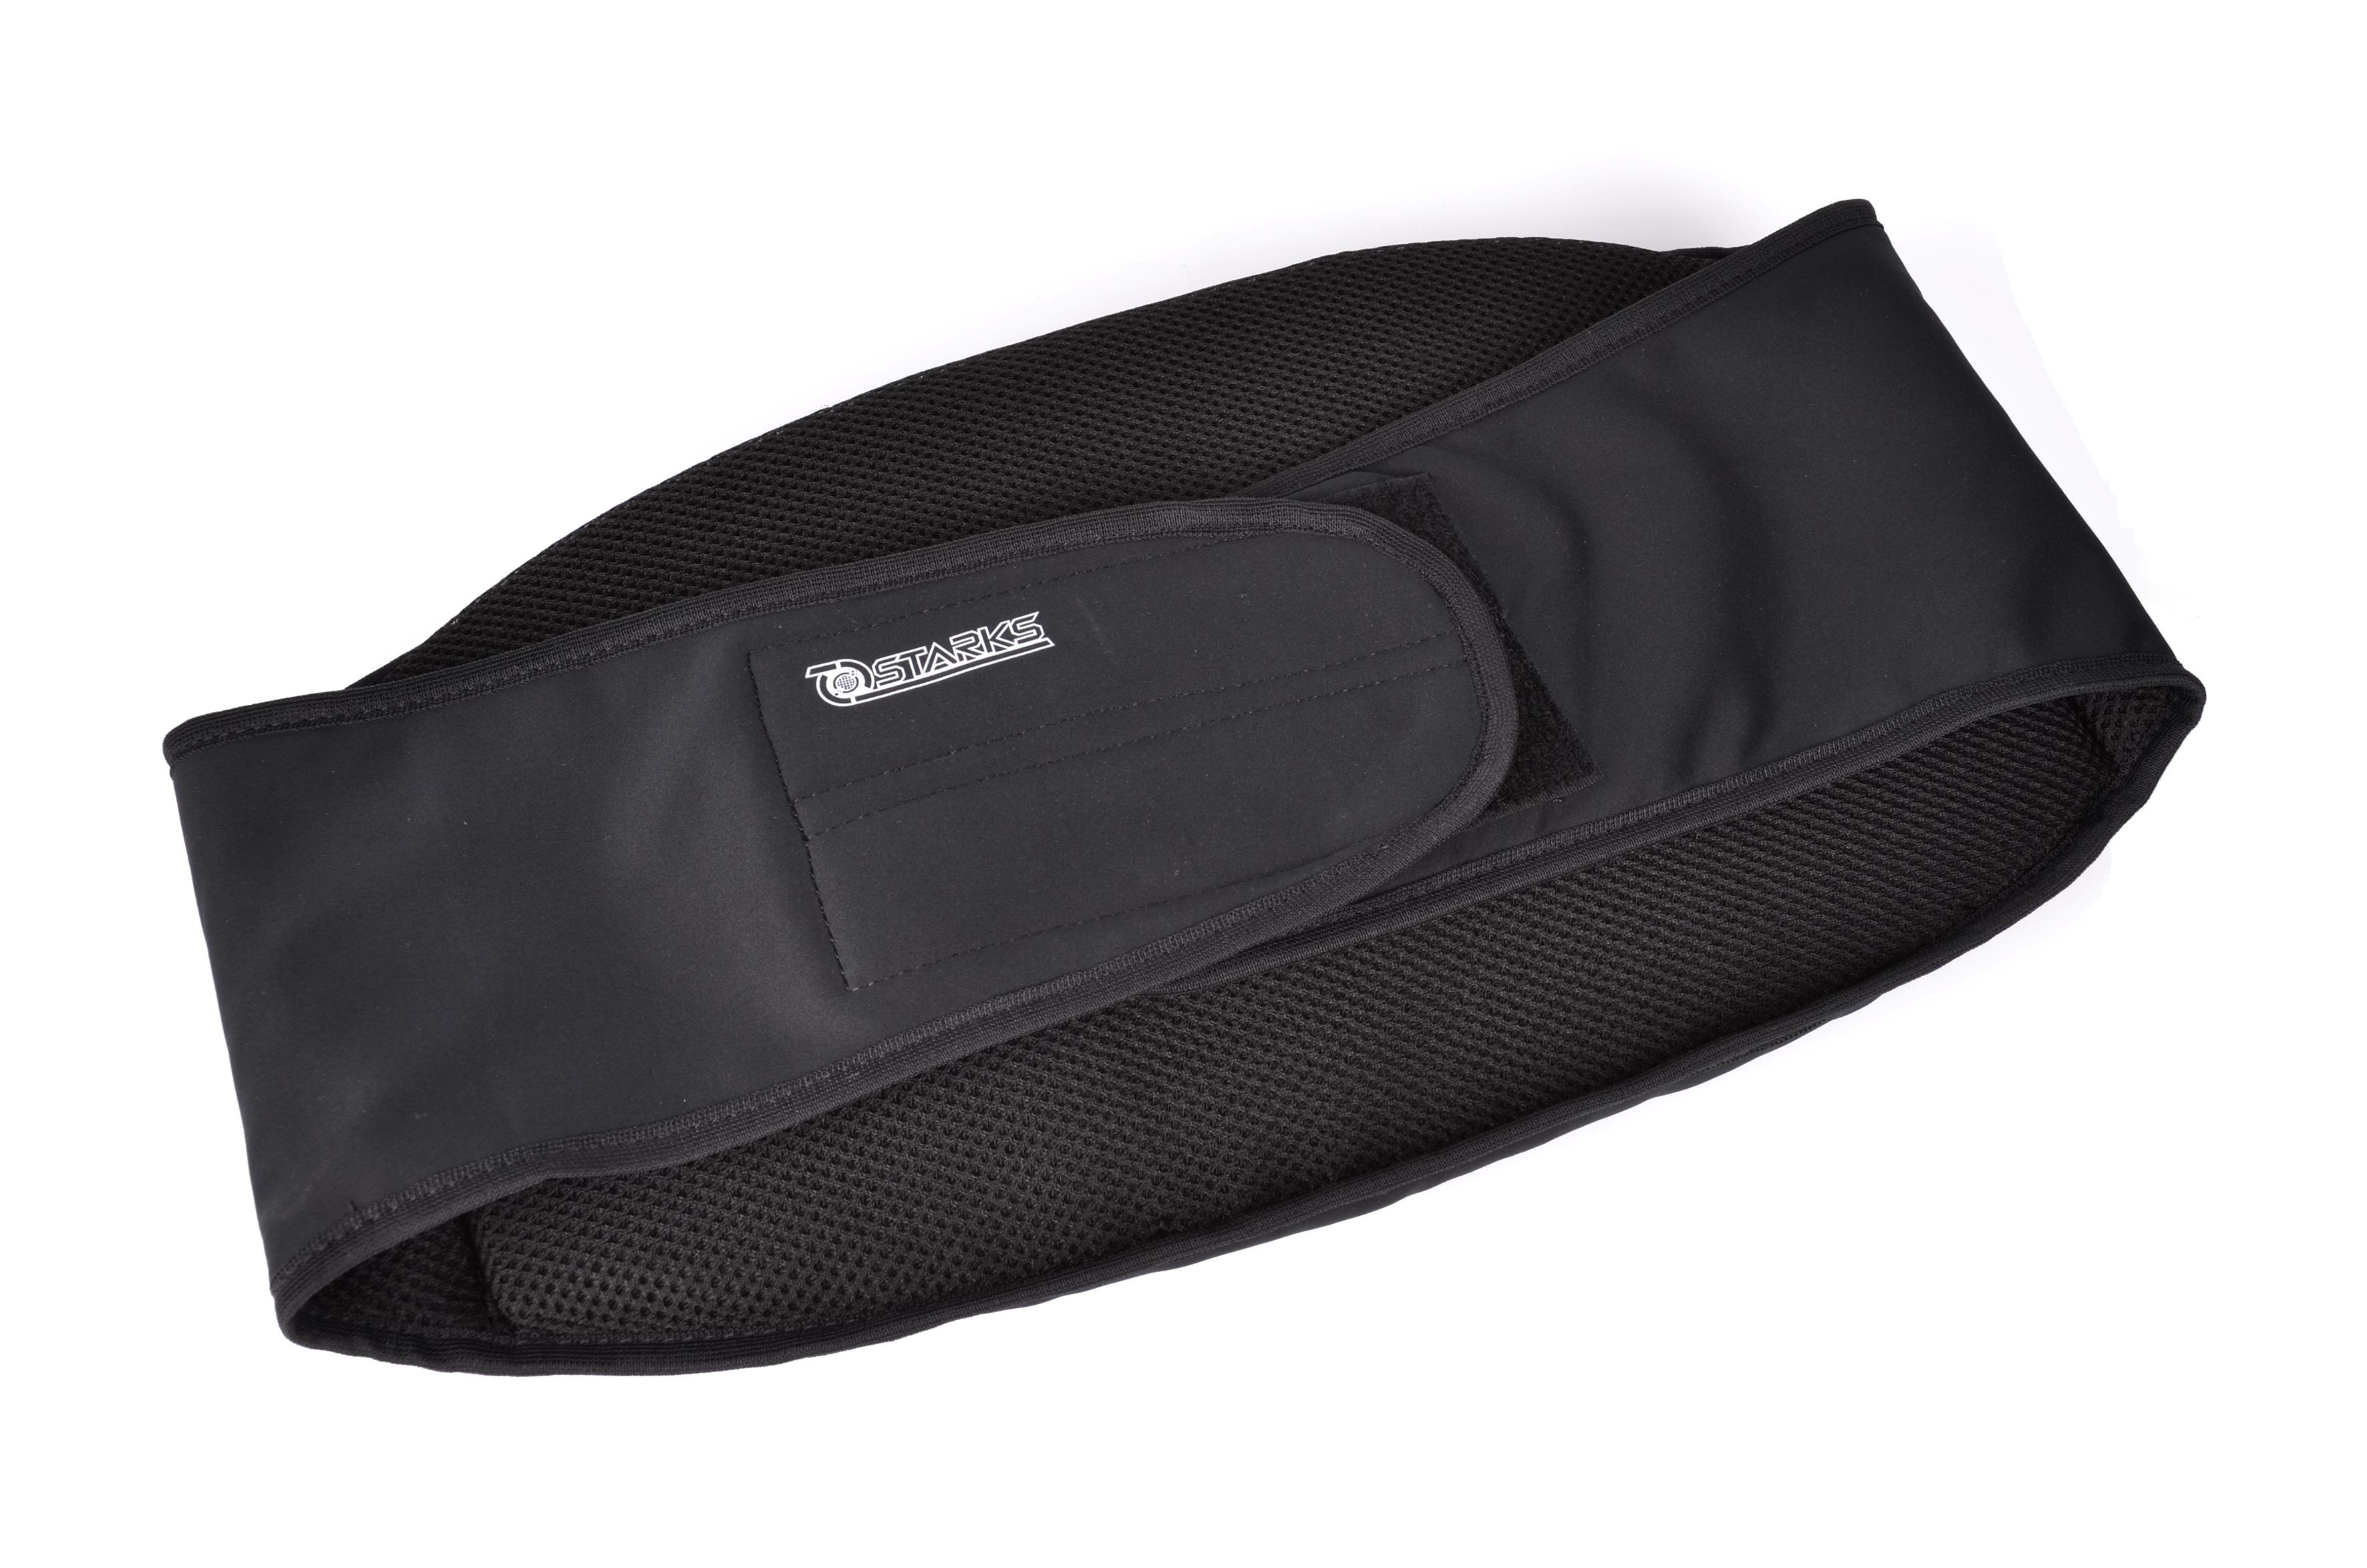 1a9699693f83 Защита поясницы/рюкзак для шлема Starks Backpack 3/1 купить в Москве ...